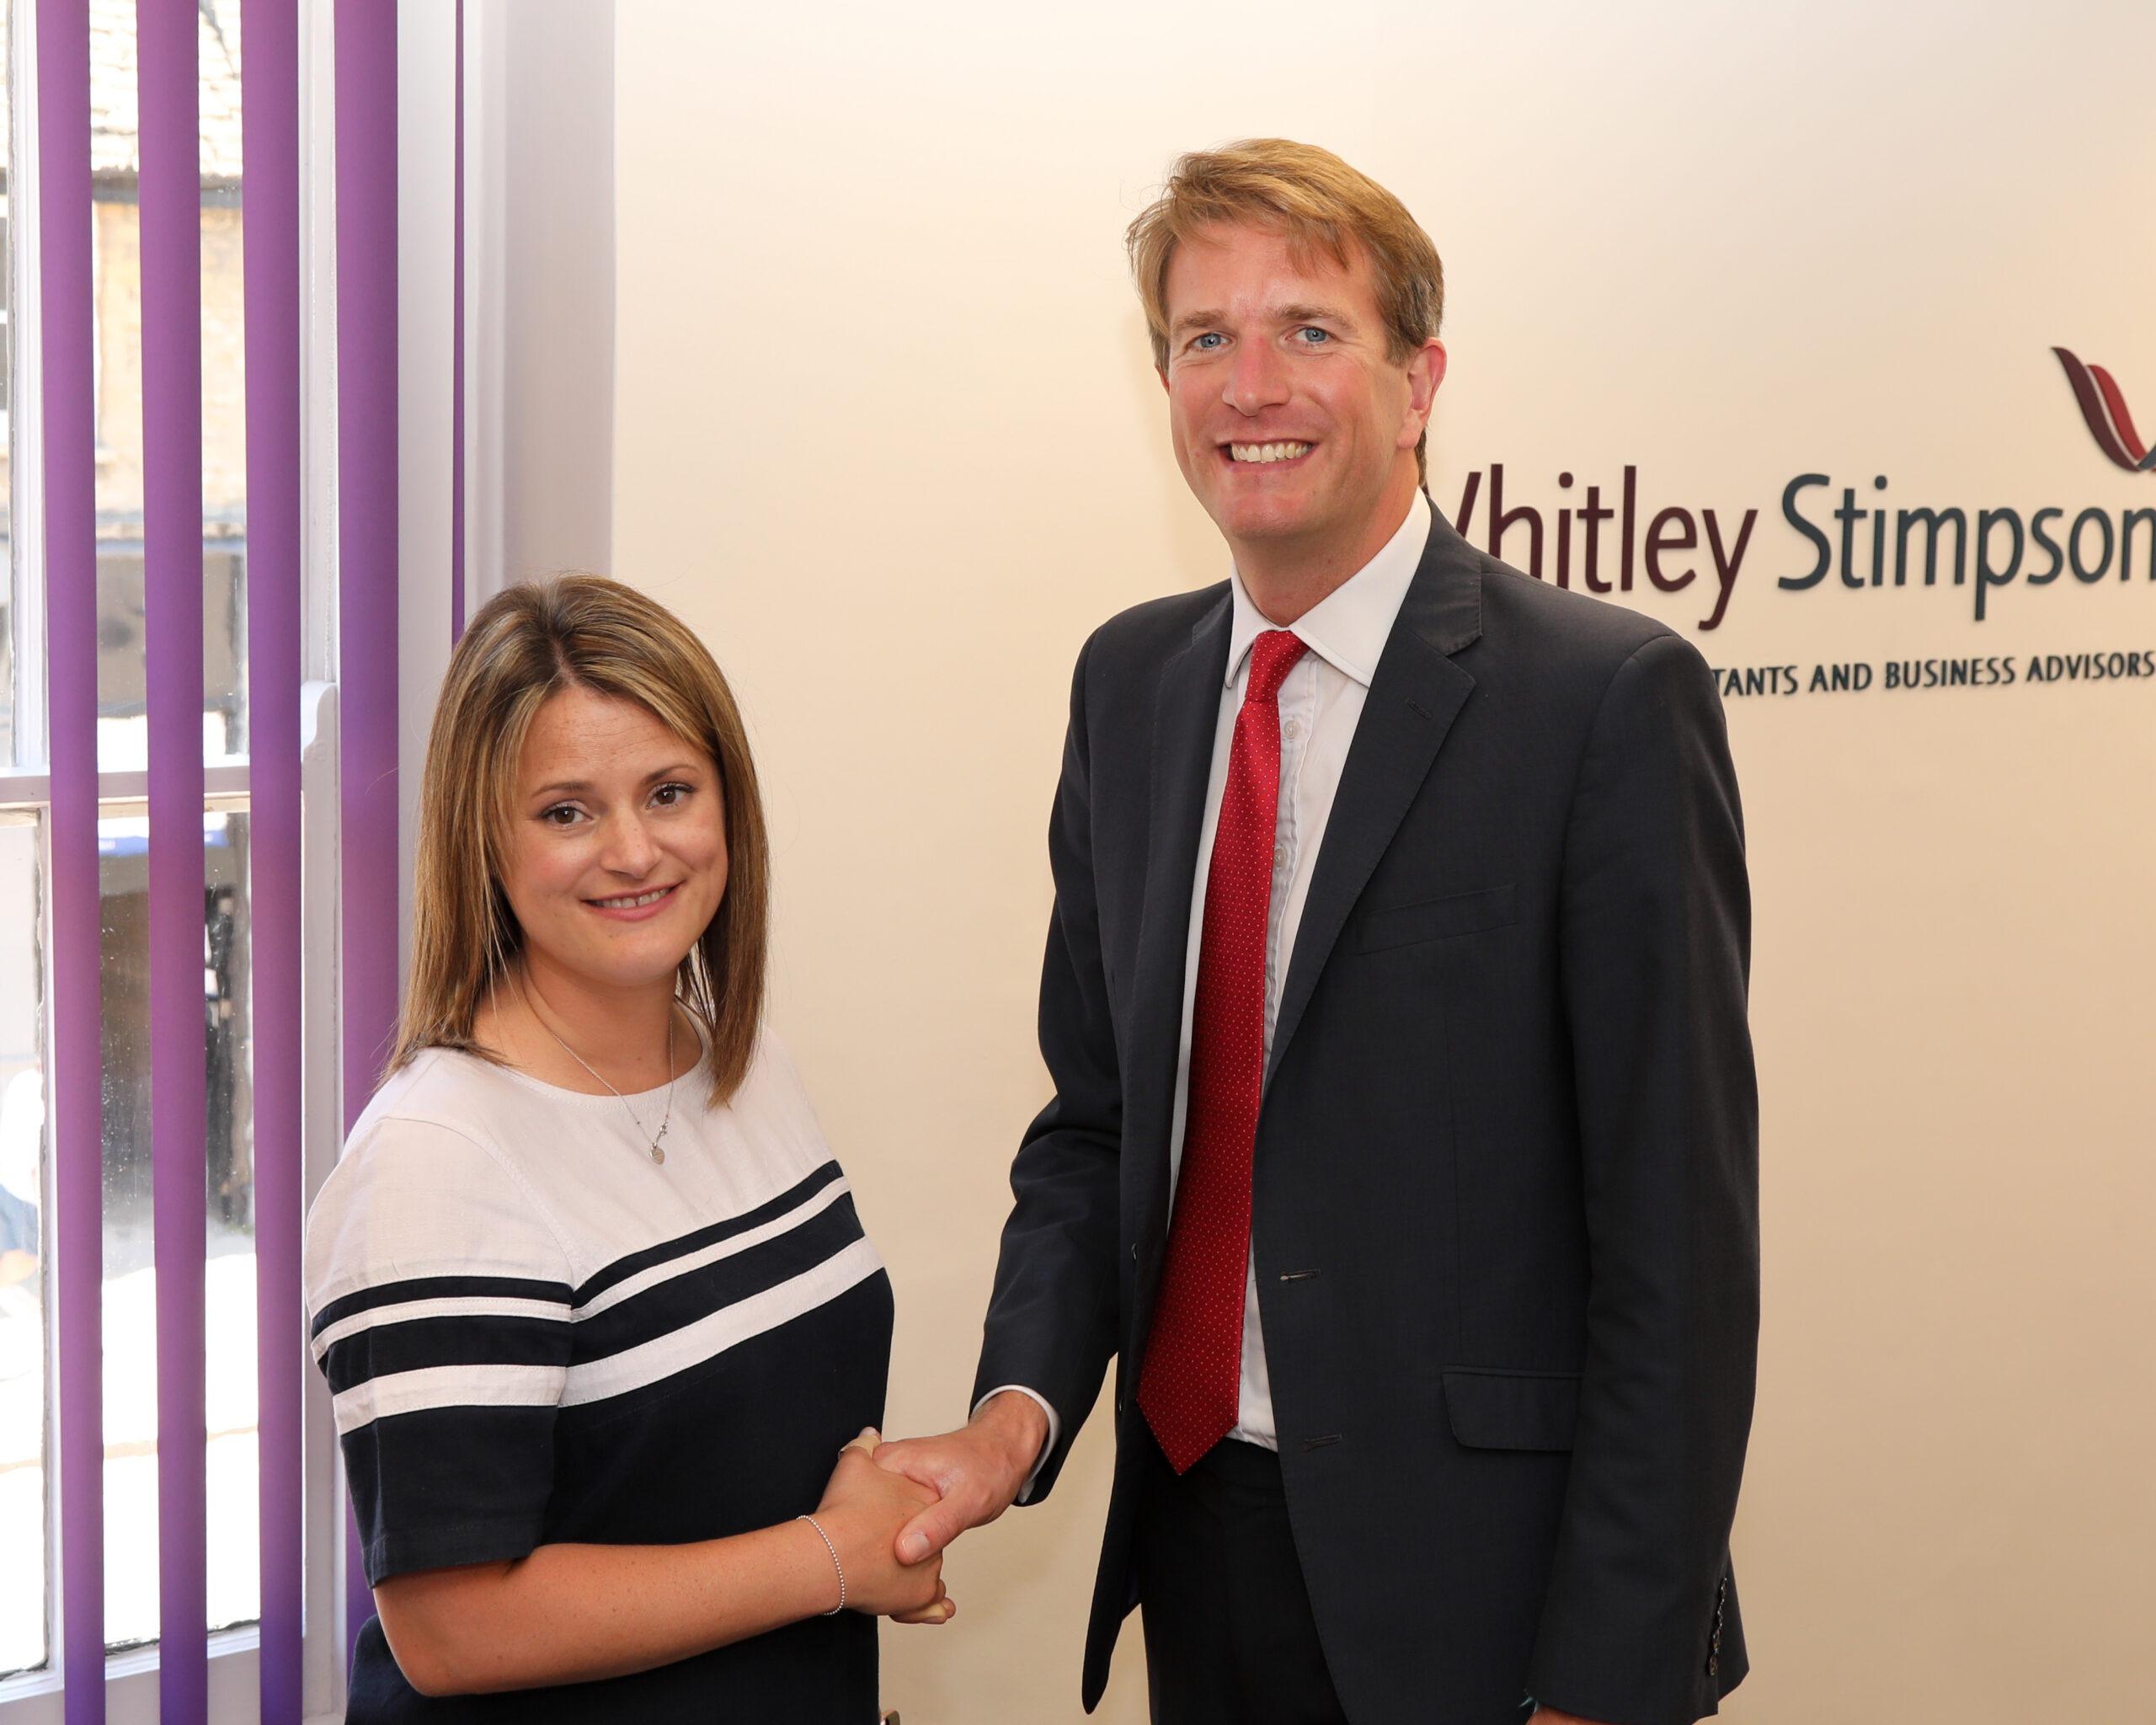 Whitley Stimpson welcomes Nigel Benton